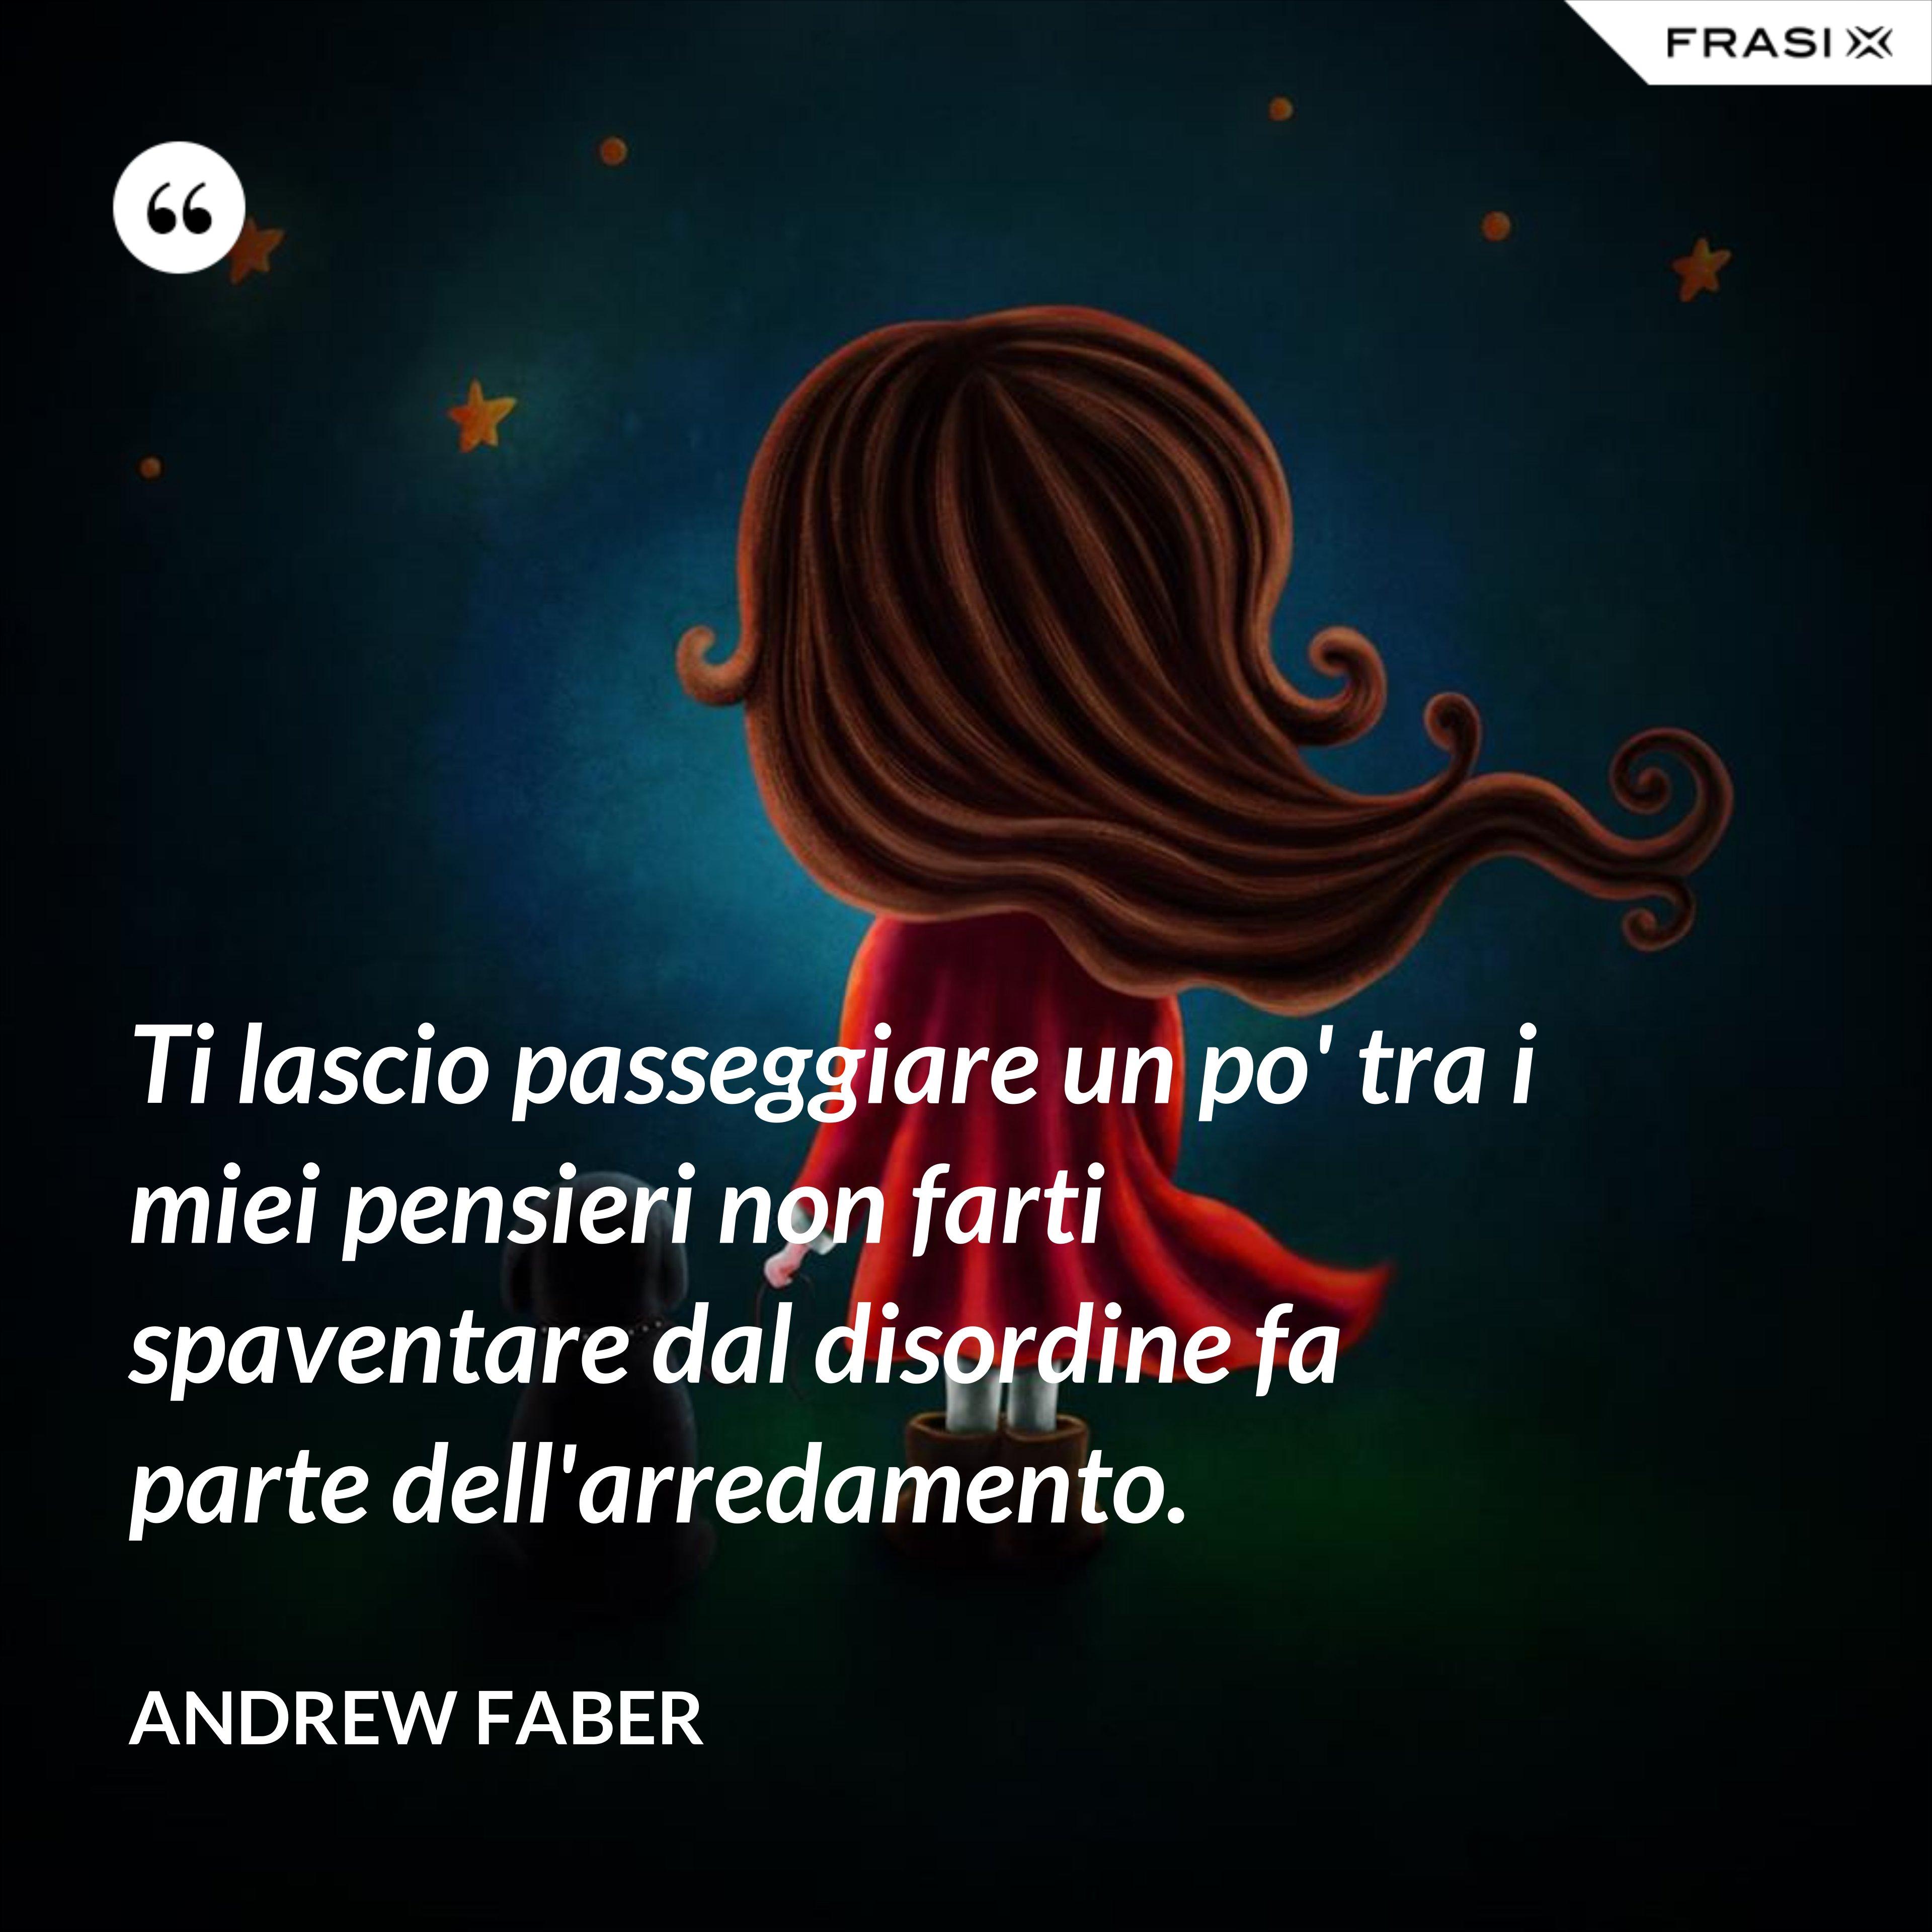 Ti lascio passeggiare un po' tra i miei pensieri non farti spaventare dal disordine fa parte dell'arredamento. - Andrew Faber